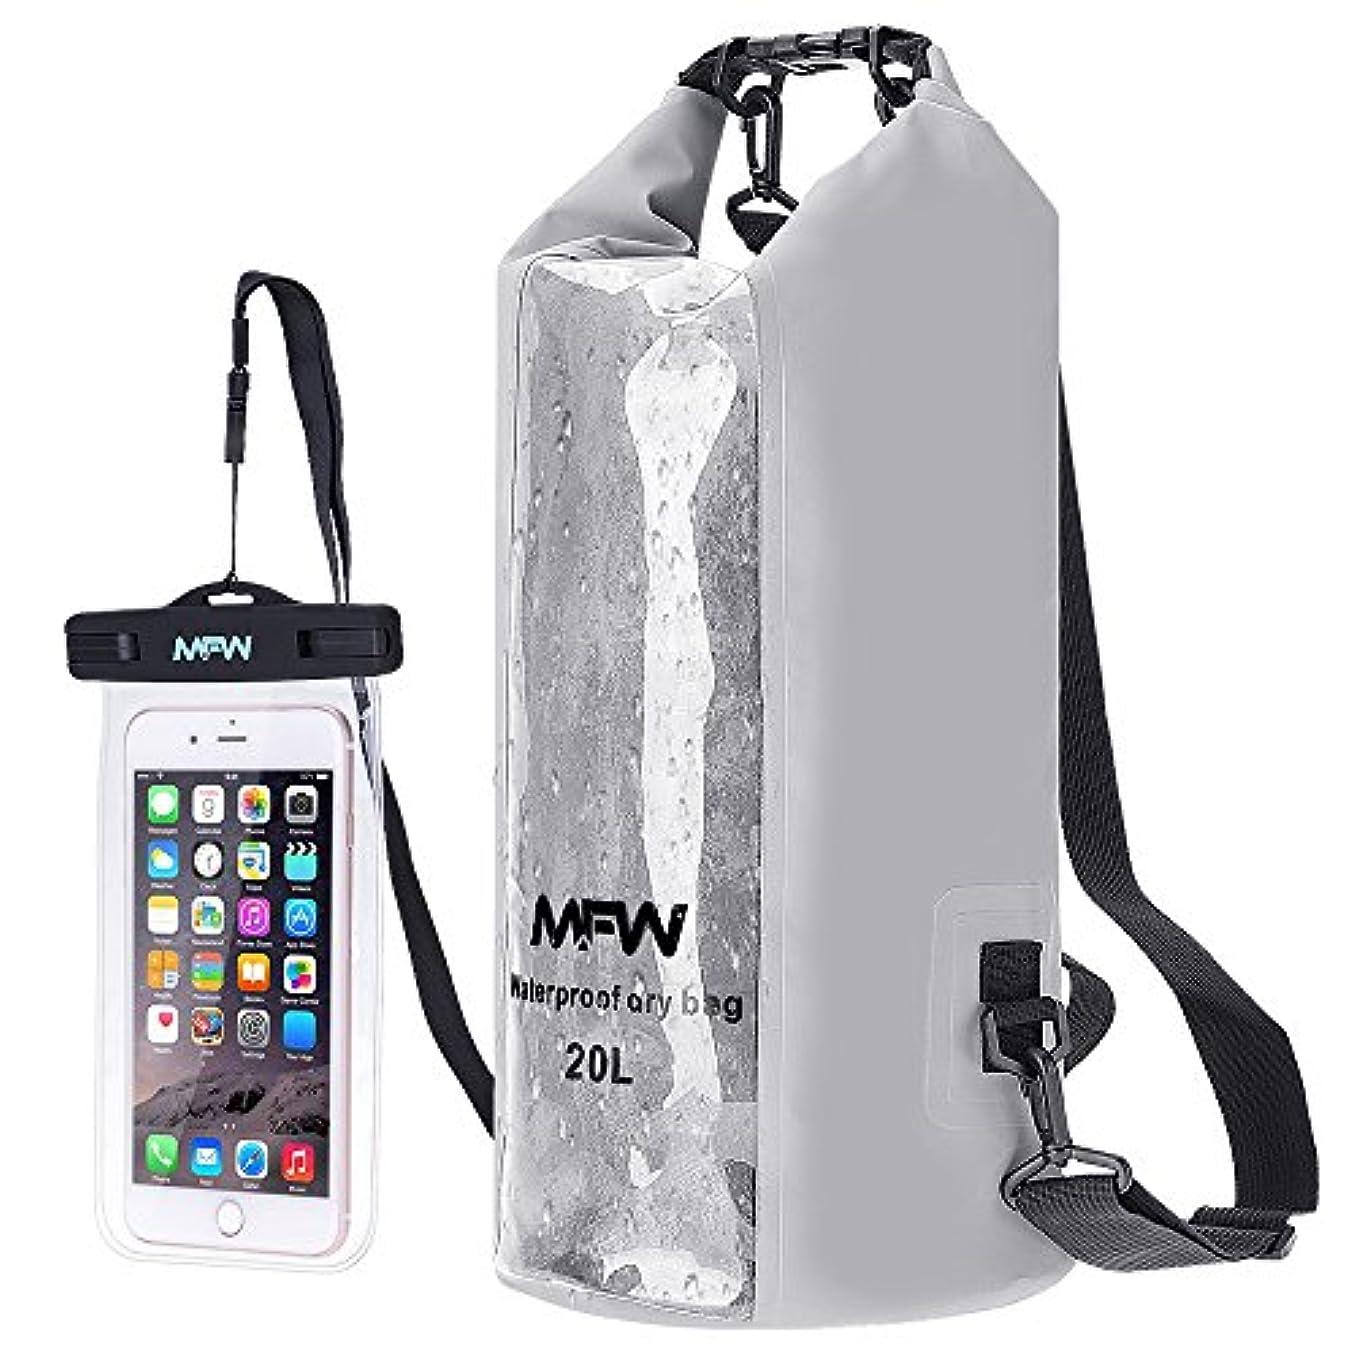 聖歌医療のめ言葉MFW ドライバッグ、20L防水ドライバッグ 防水ロールトップサックバックパックショルダー ボートやカヤック用 ラフティング 釣りなどに適用